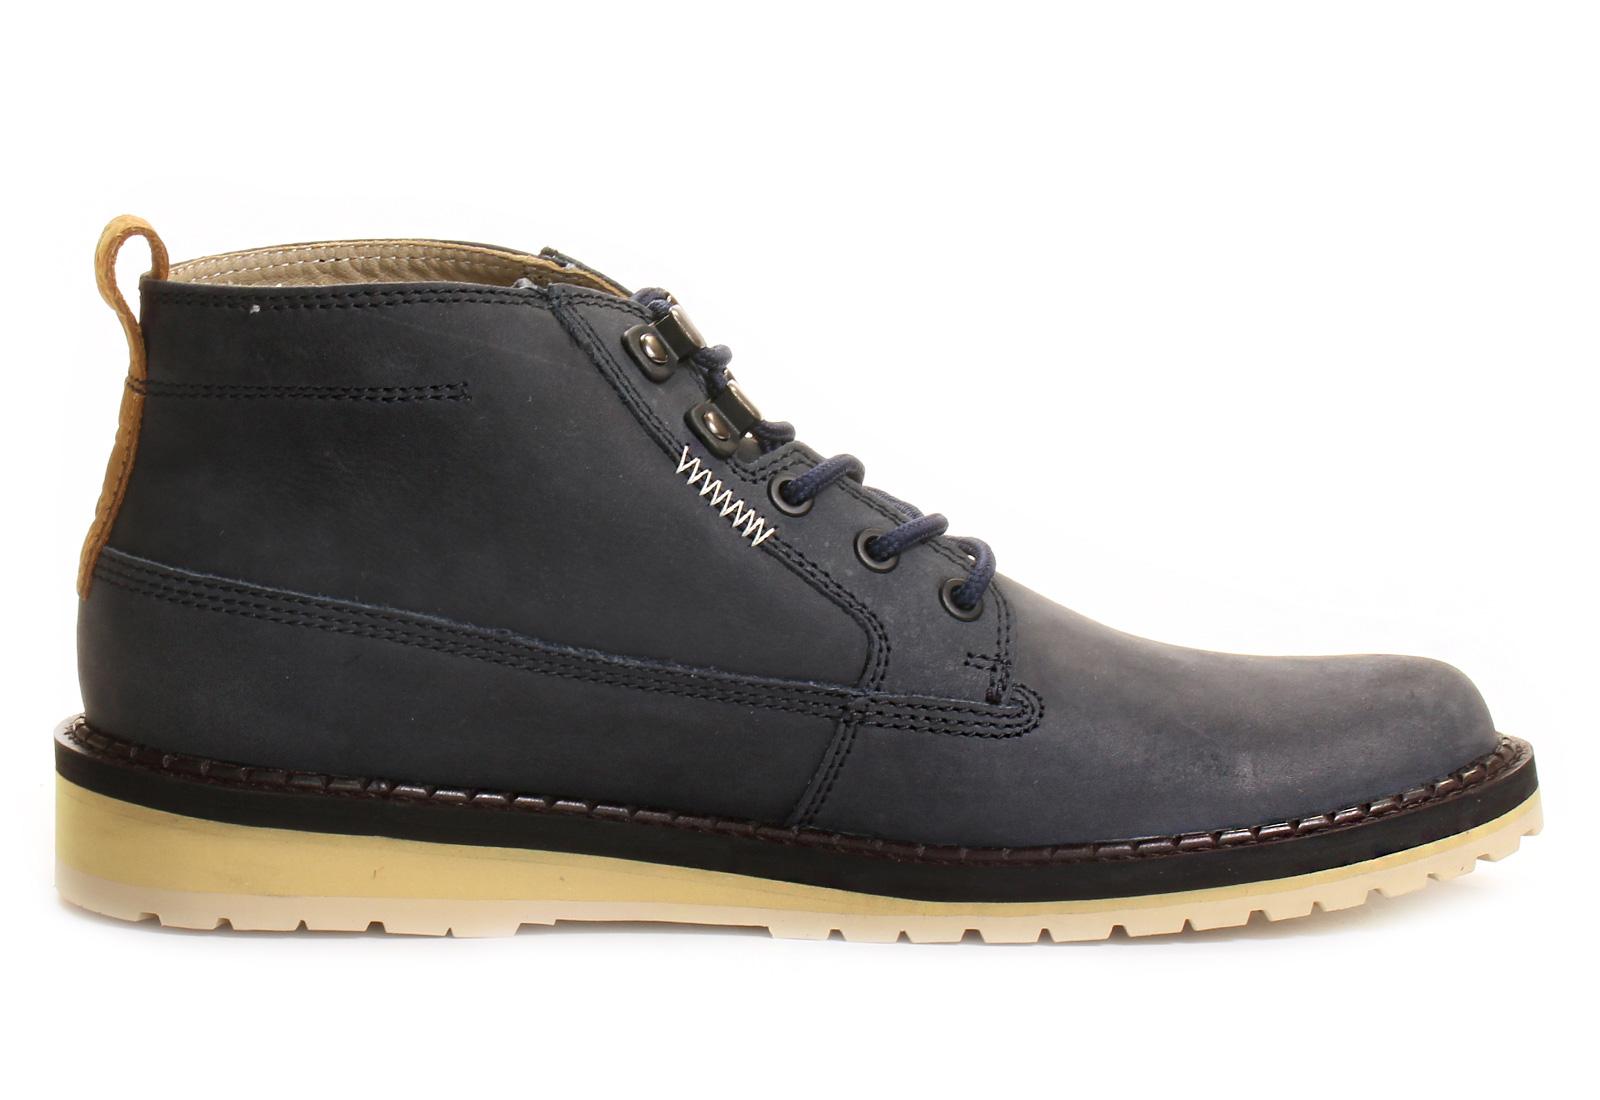 Lacoste Bakancs - Delevan - 133srm3030-120 - Office Shoes Magyarország 24580cdb53